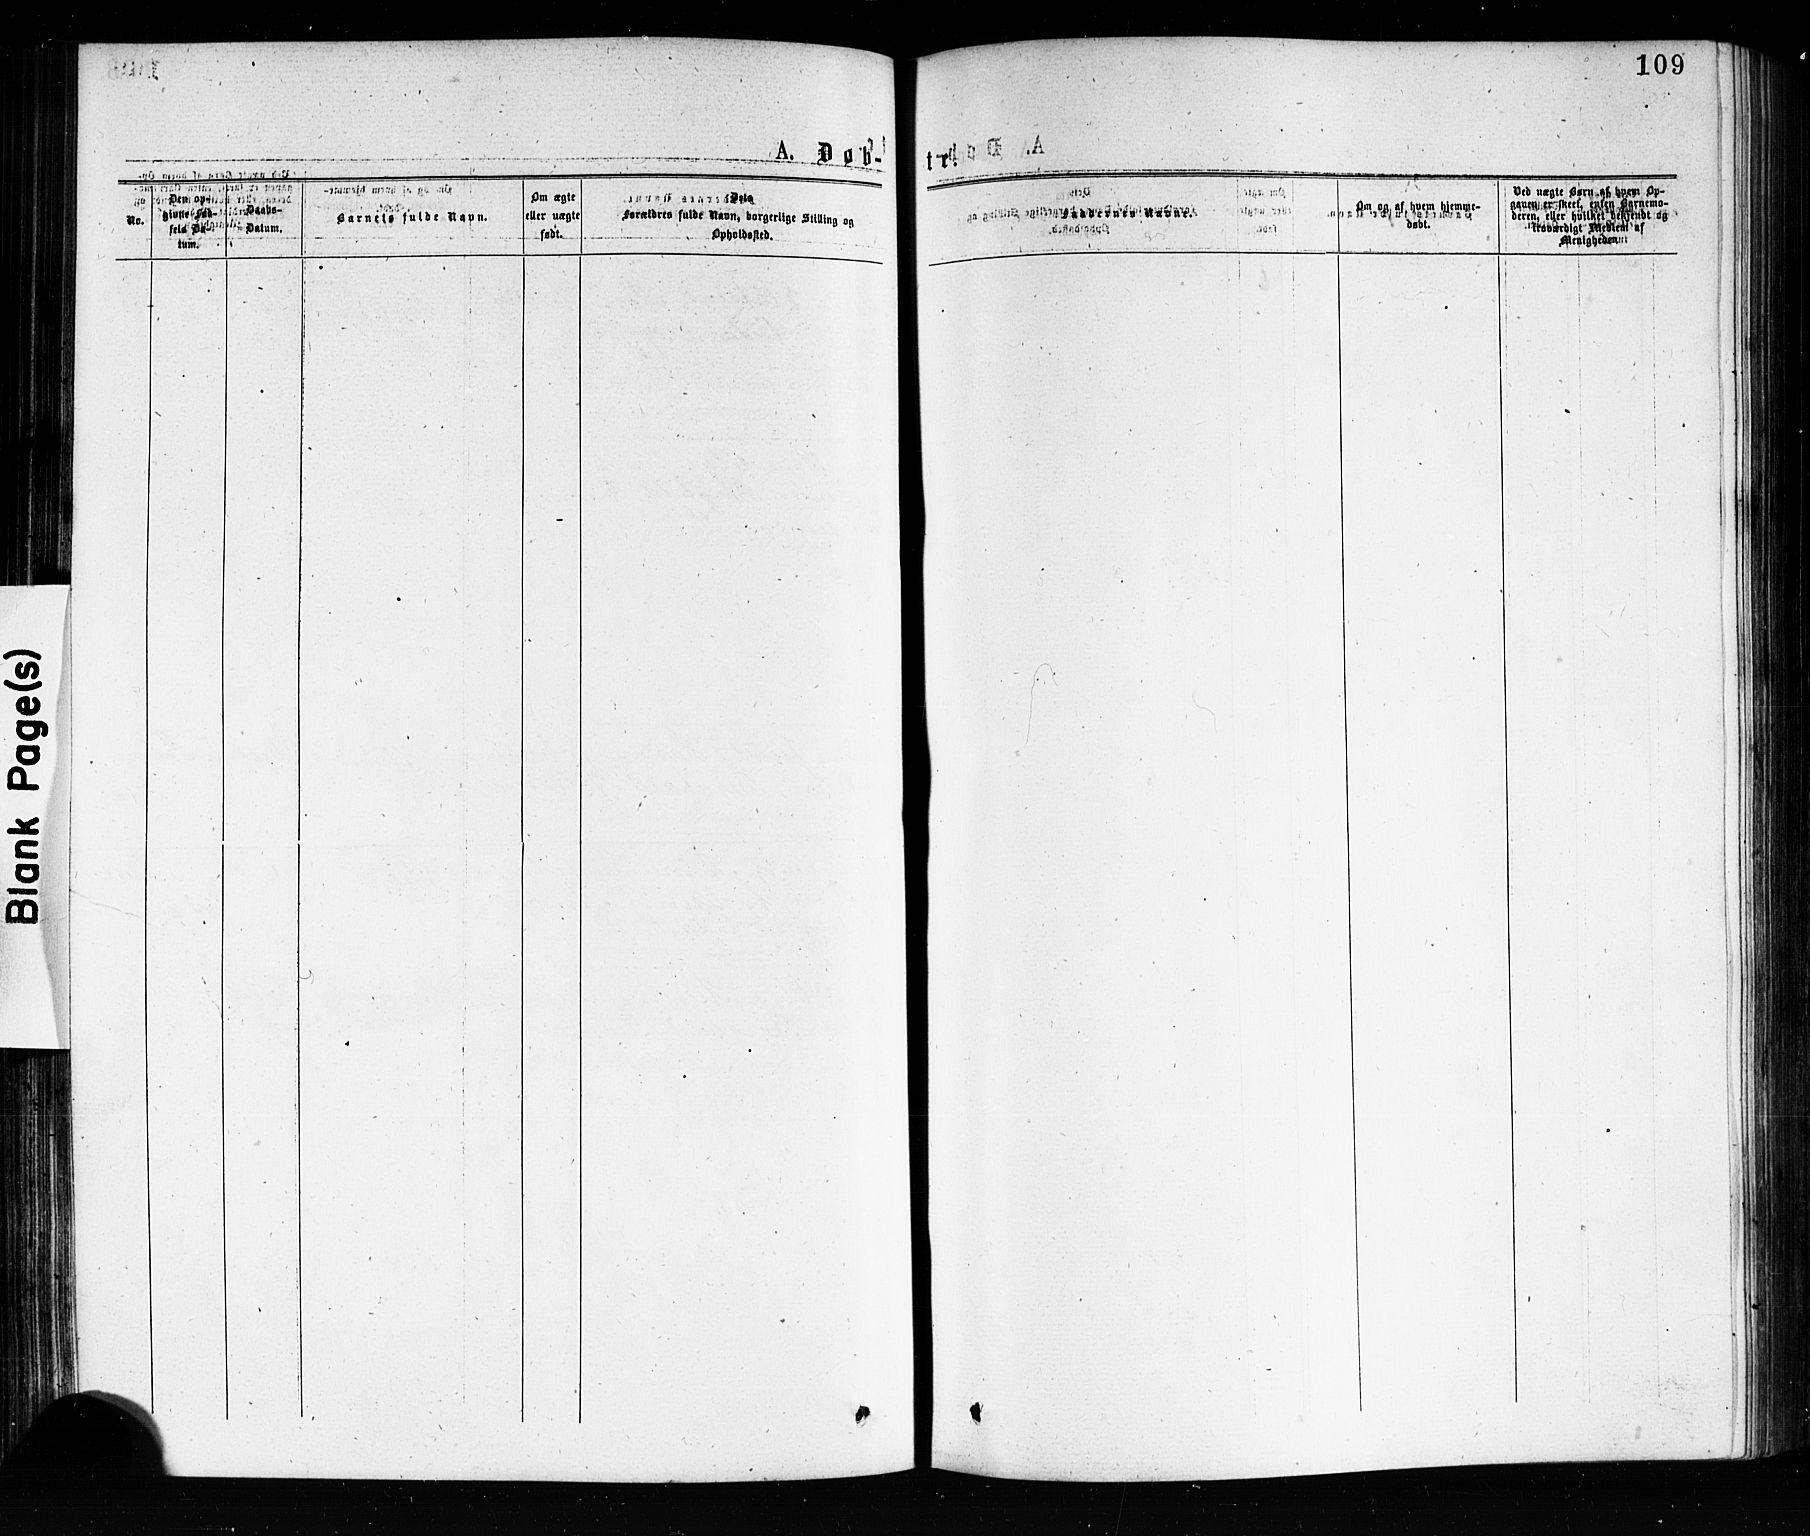 SAKO, Porsgrunn kirkebøker , G/Ga/L0003: Klokkerbok nr. I 3, 1877-1915, s. 109